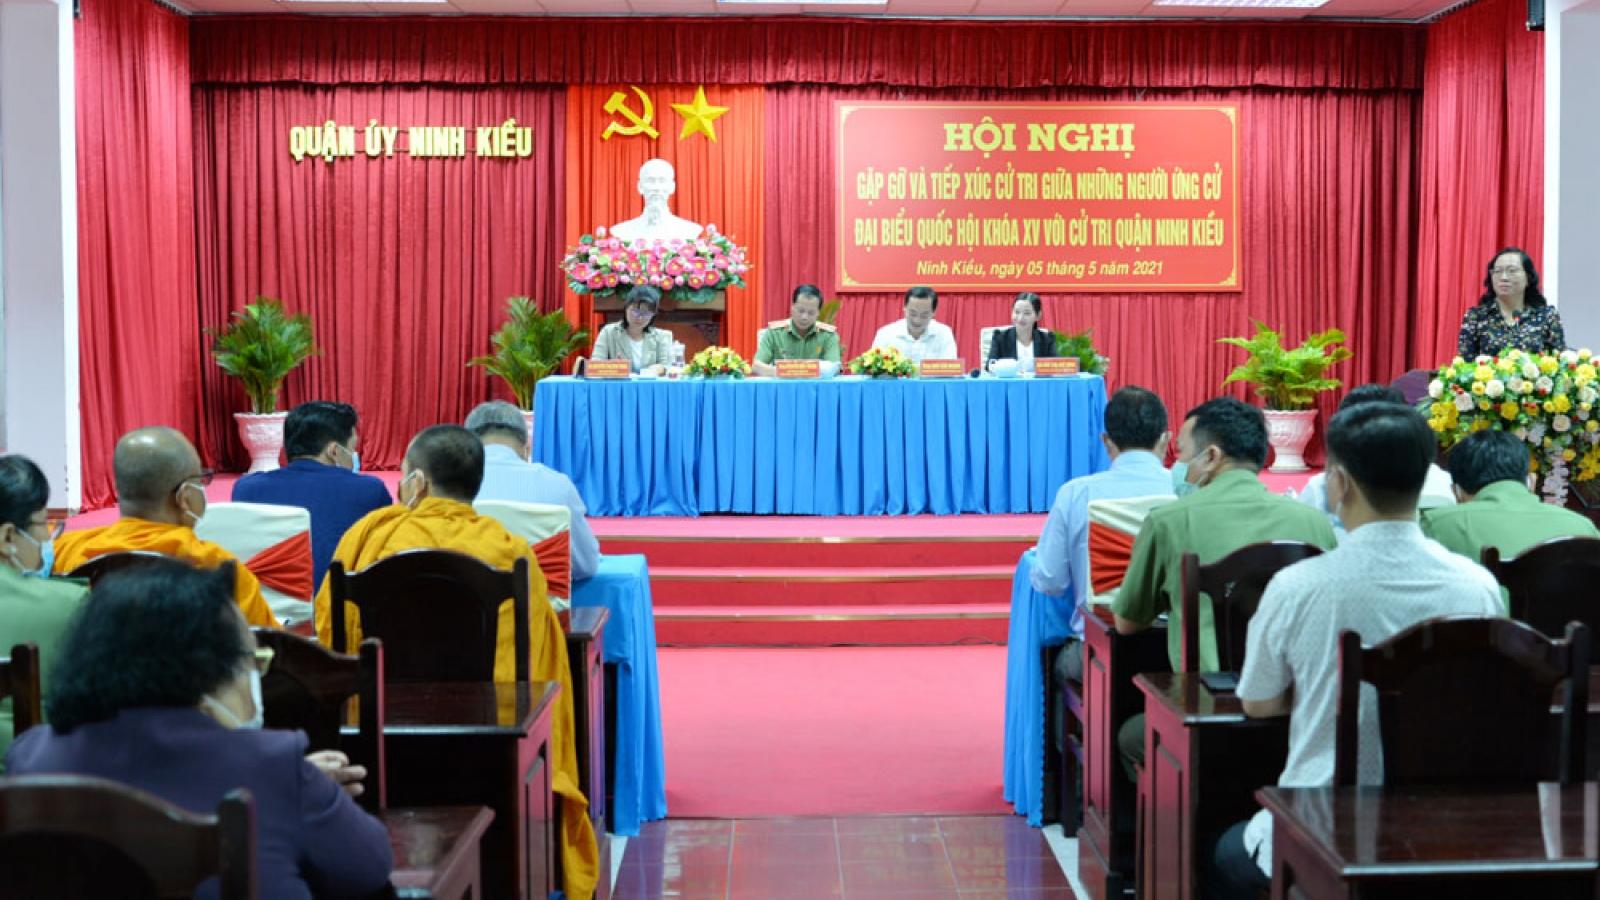 Ứng cử viên bắt đầu tiếp xúc cử tri vận động bầu cử